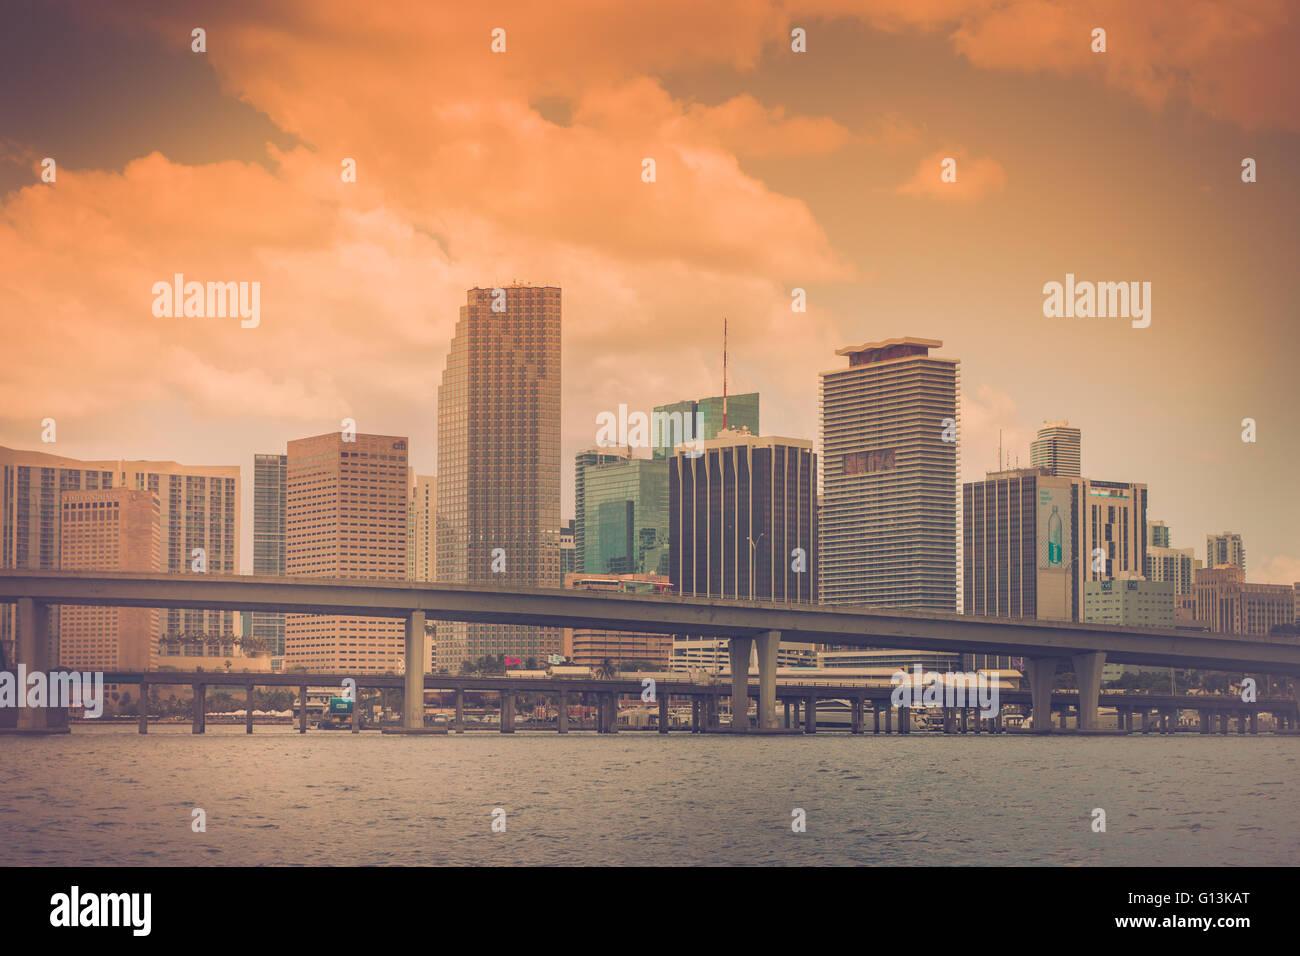 Miami Floride skyline avec ton retro vintage Photo Stock